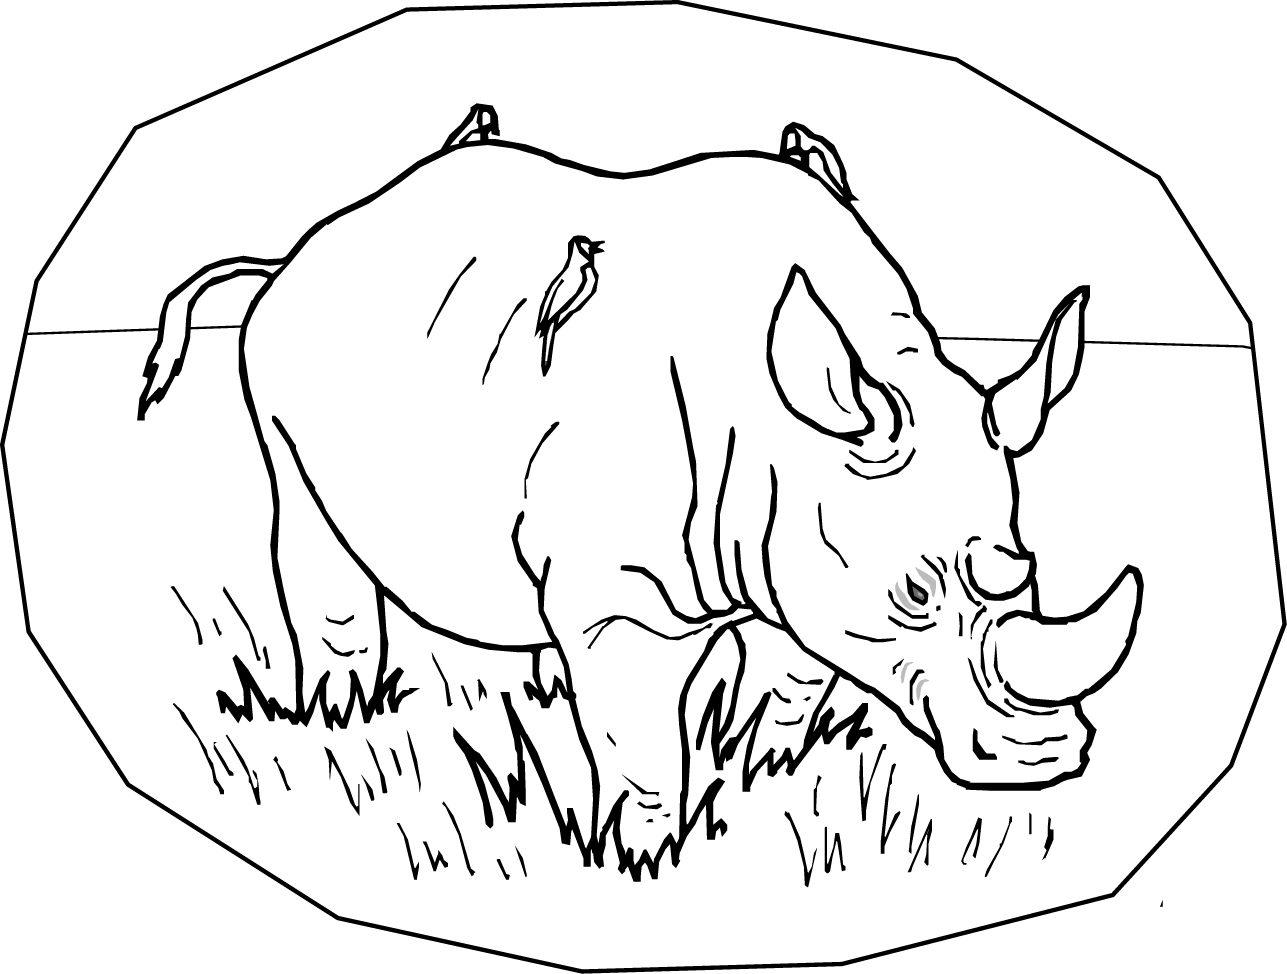 Dibujos De Fre Fire Para Pintar: Dibujos Para Pintar De Rinocerontes :: Imágenes Y Fotos